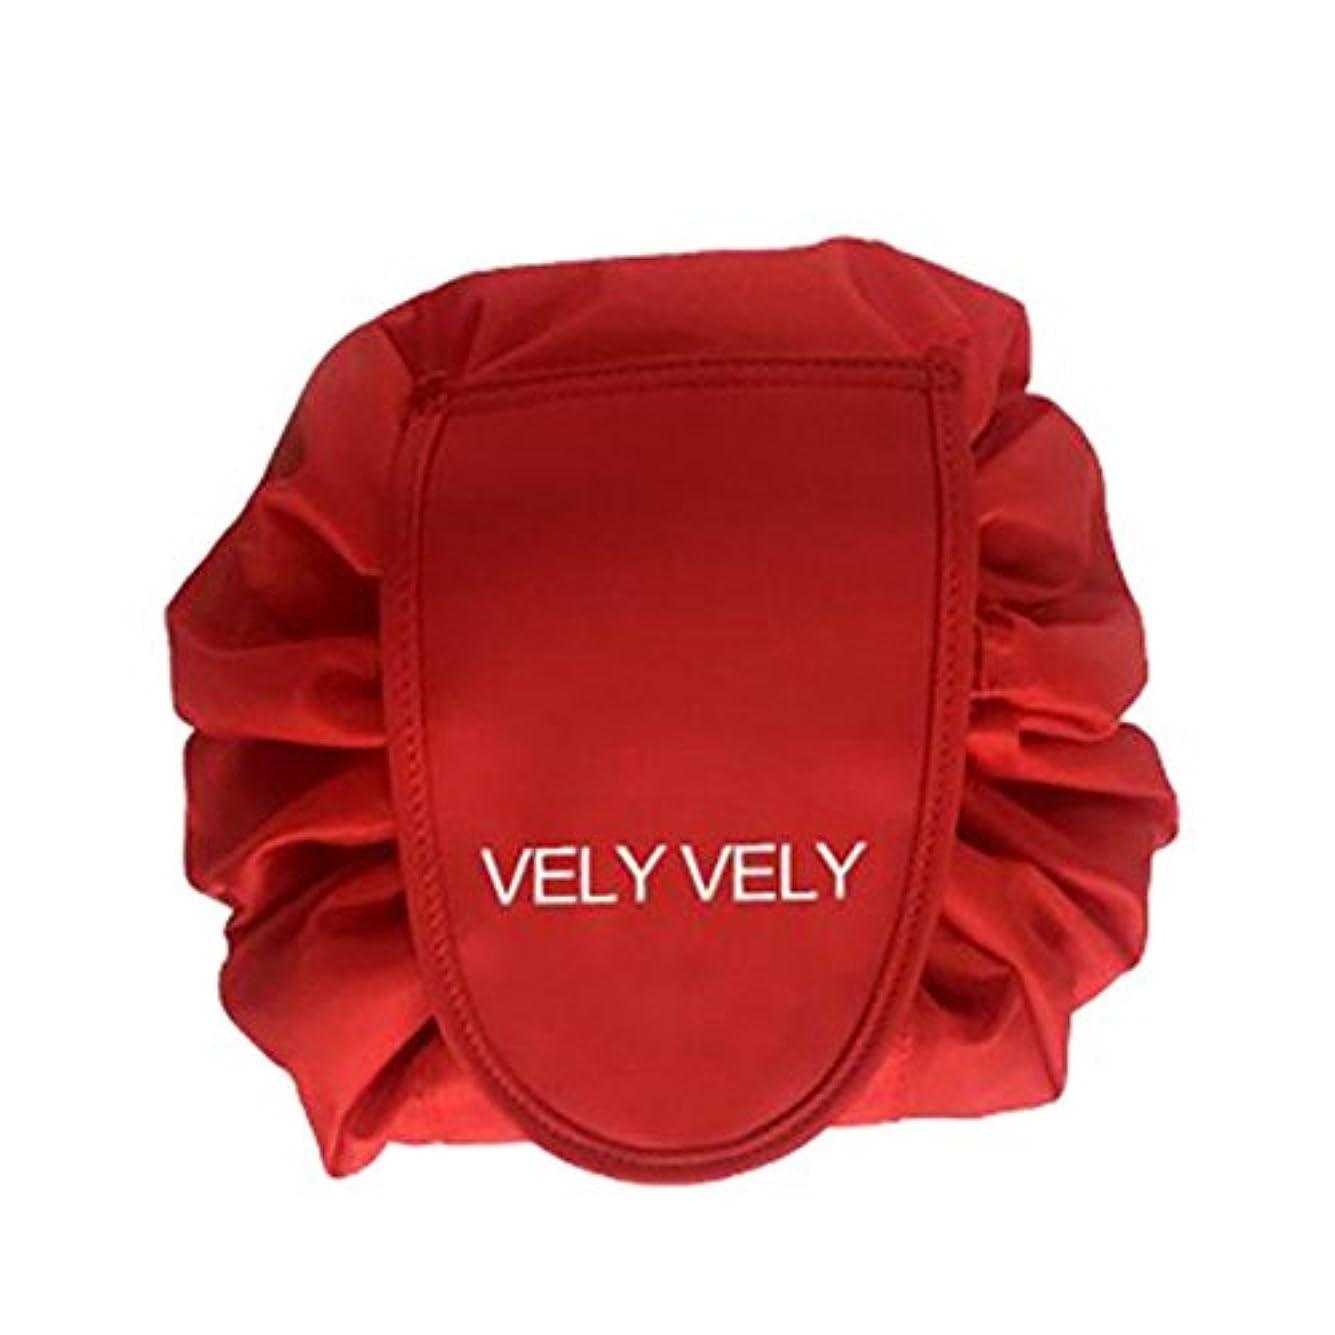 シャンパンインシデント無声でSmartRICH 化粧品収納バッグ,折畳式 巾着型 収納携帯用 便利 防水的 旅行 容量大きい 可愛い 化粧バッグ 化粧ポーチ (赤)